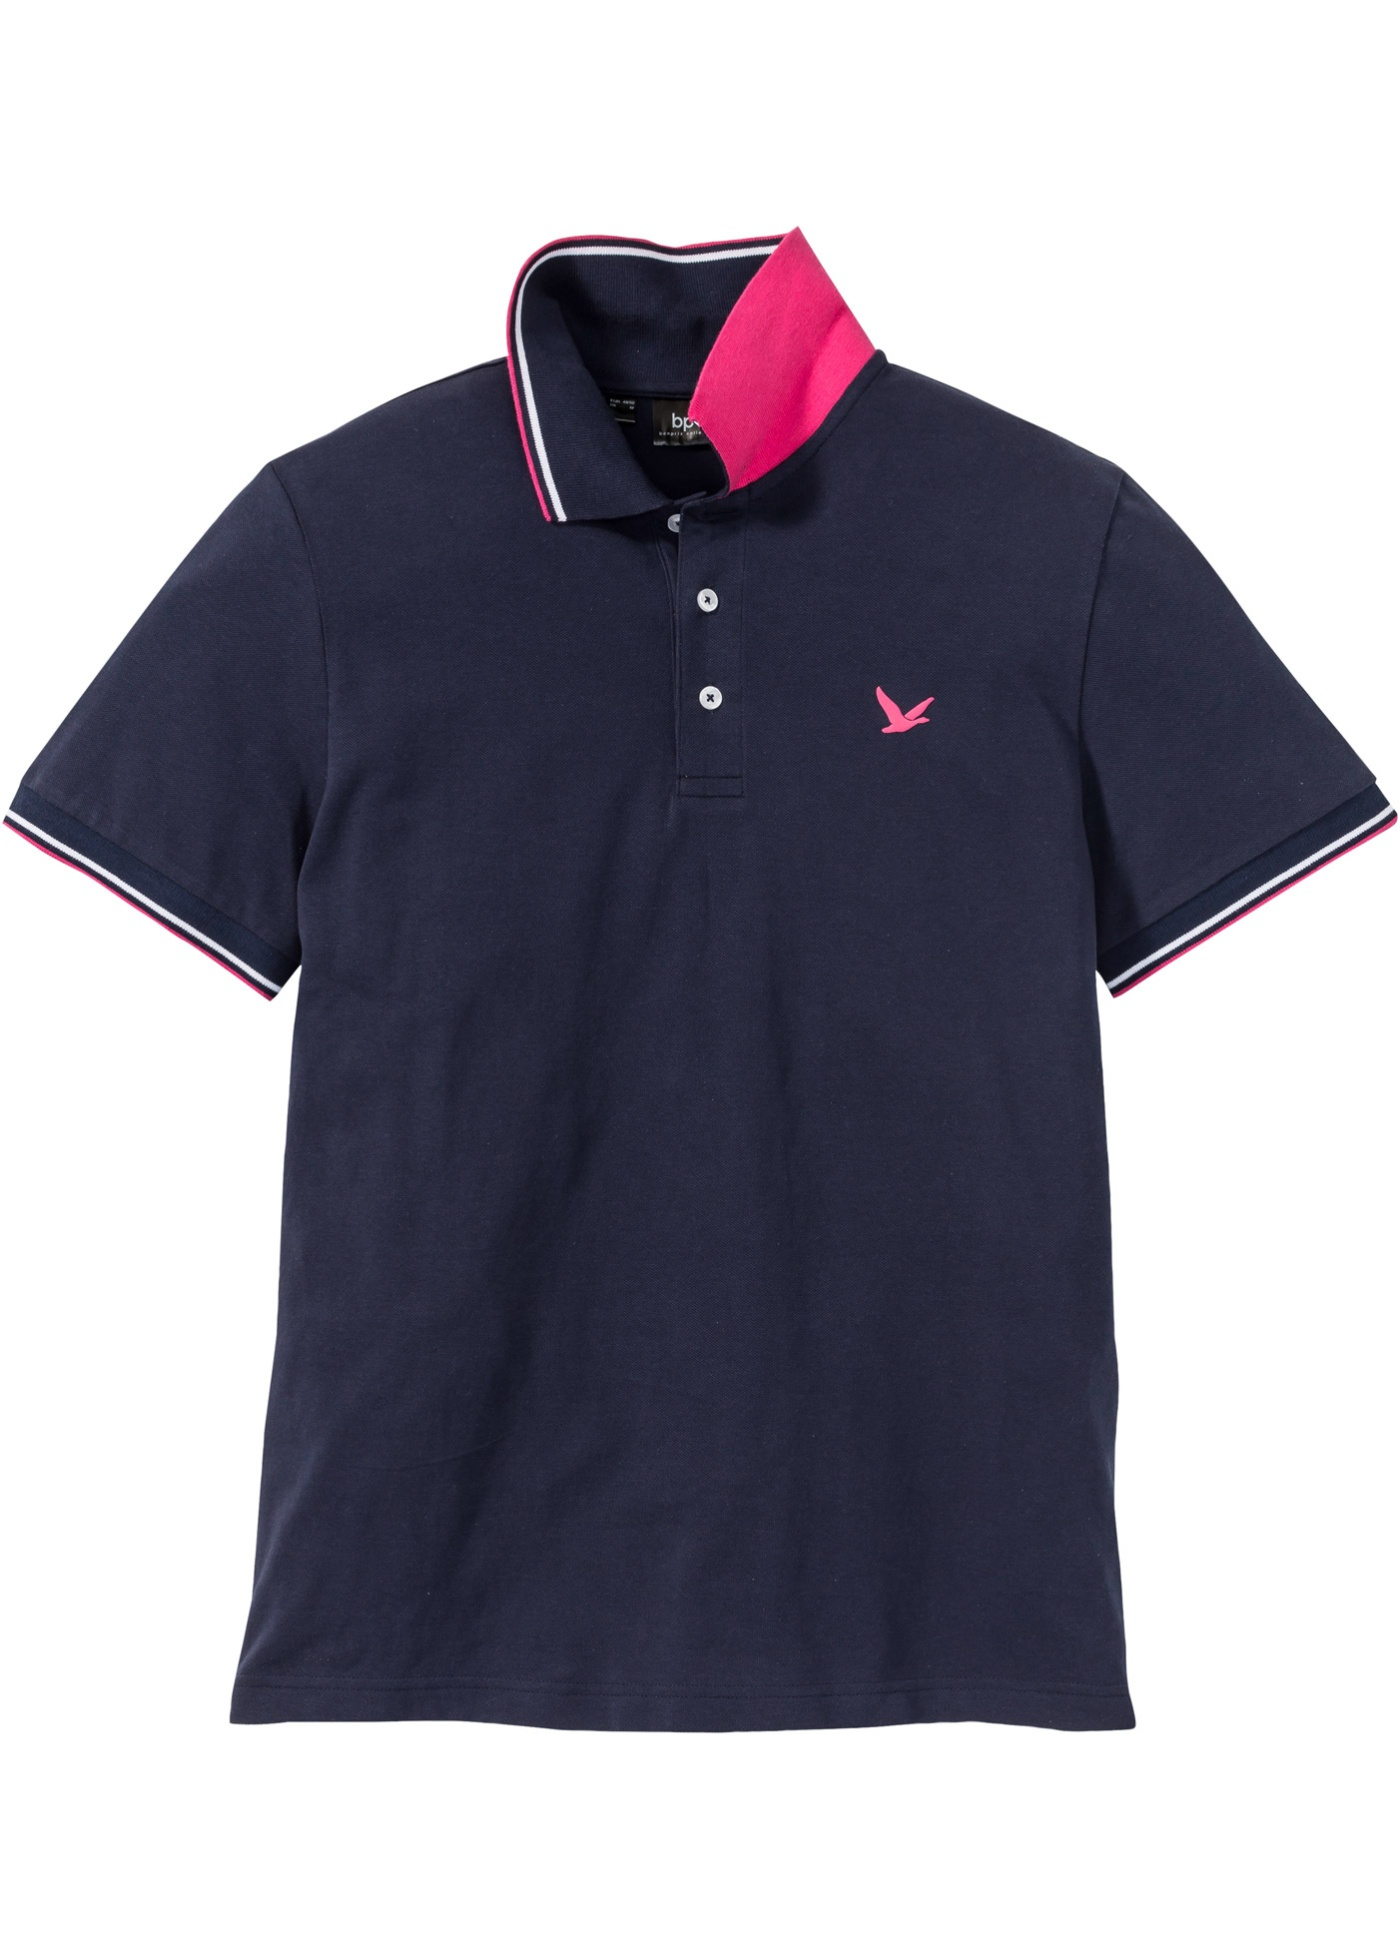 Polo in piquet (Blu) - bpc bonprix collection